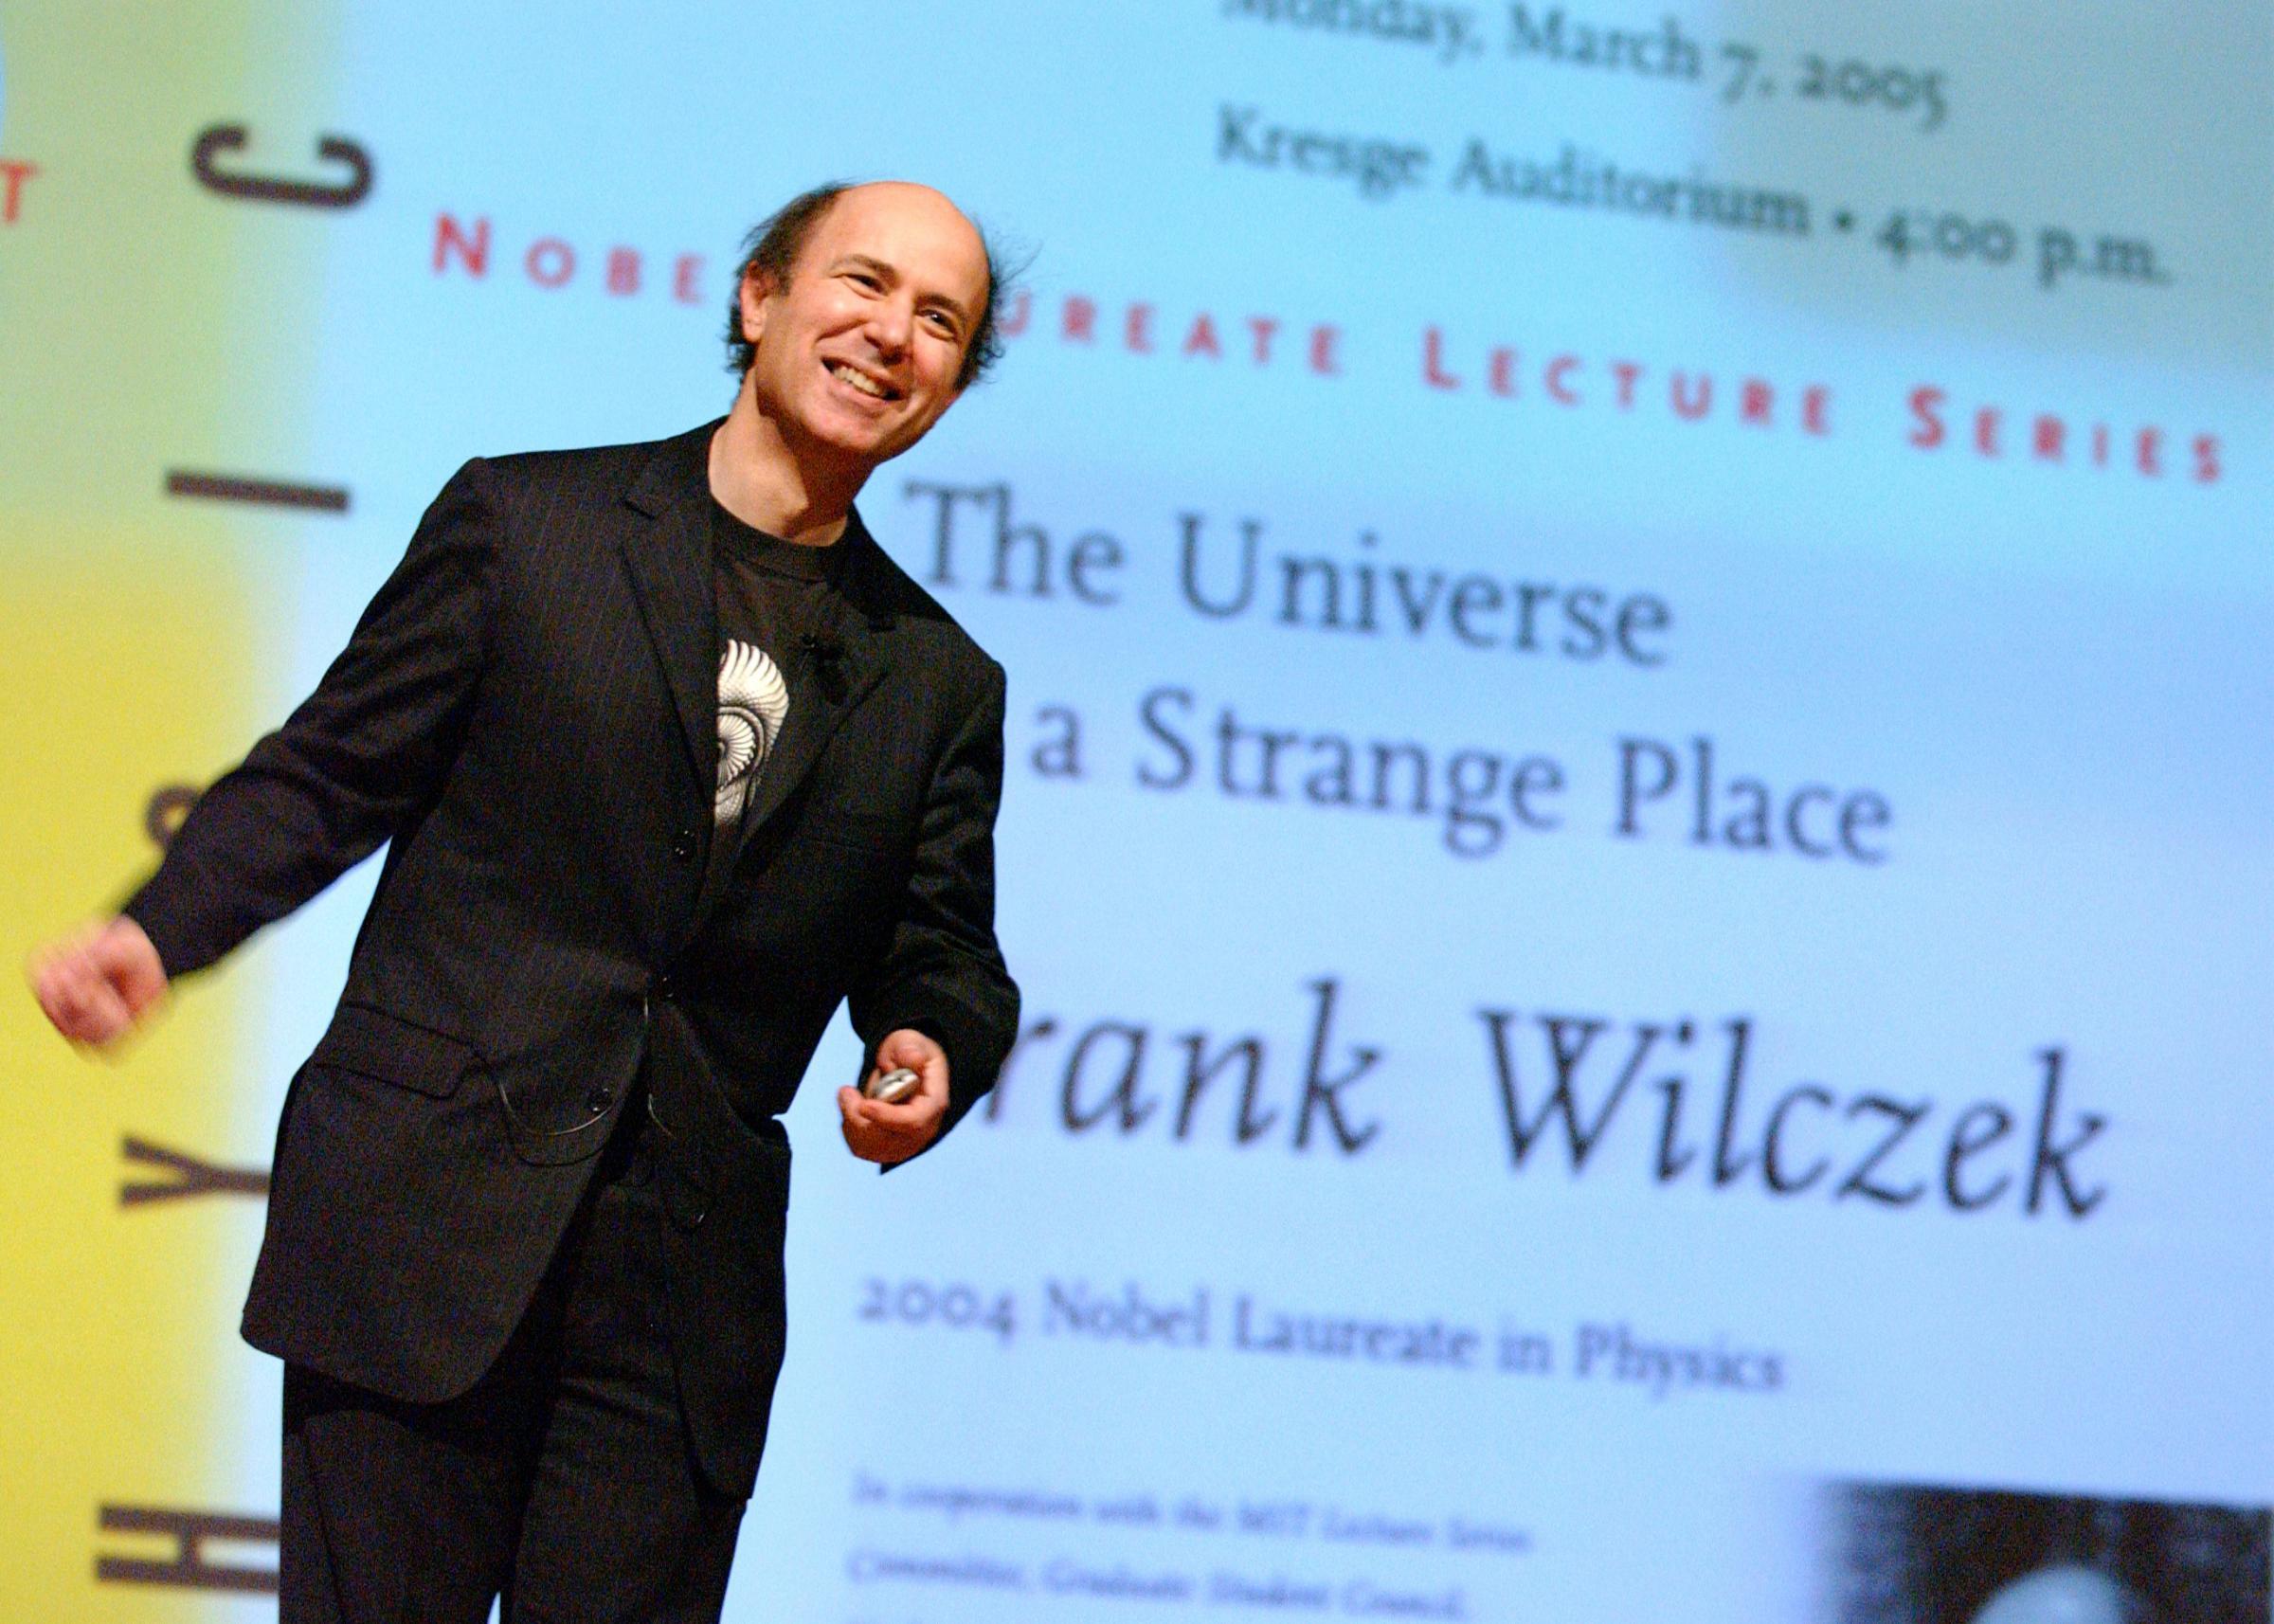 Frank Wilczek, creatorul cristalului temporal